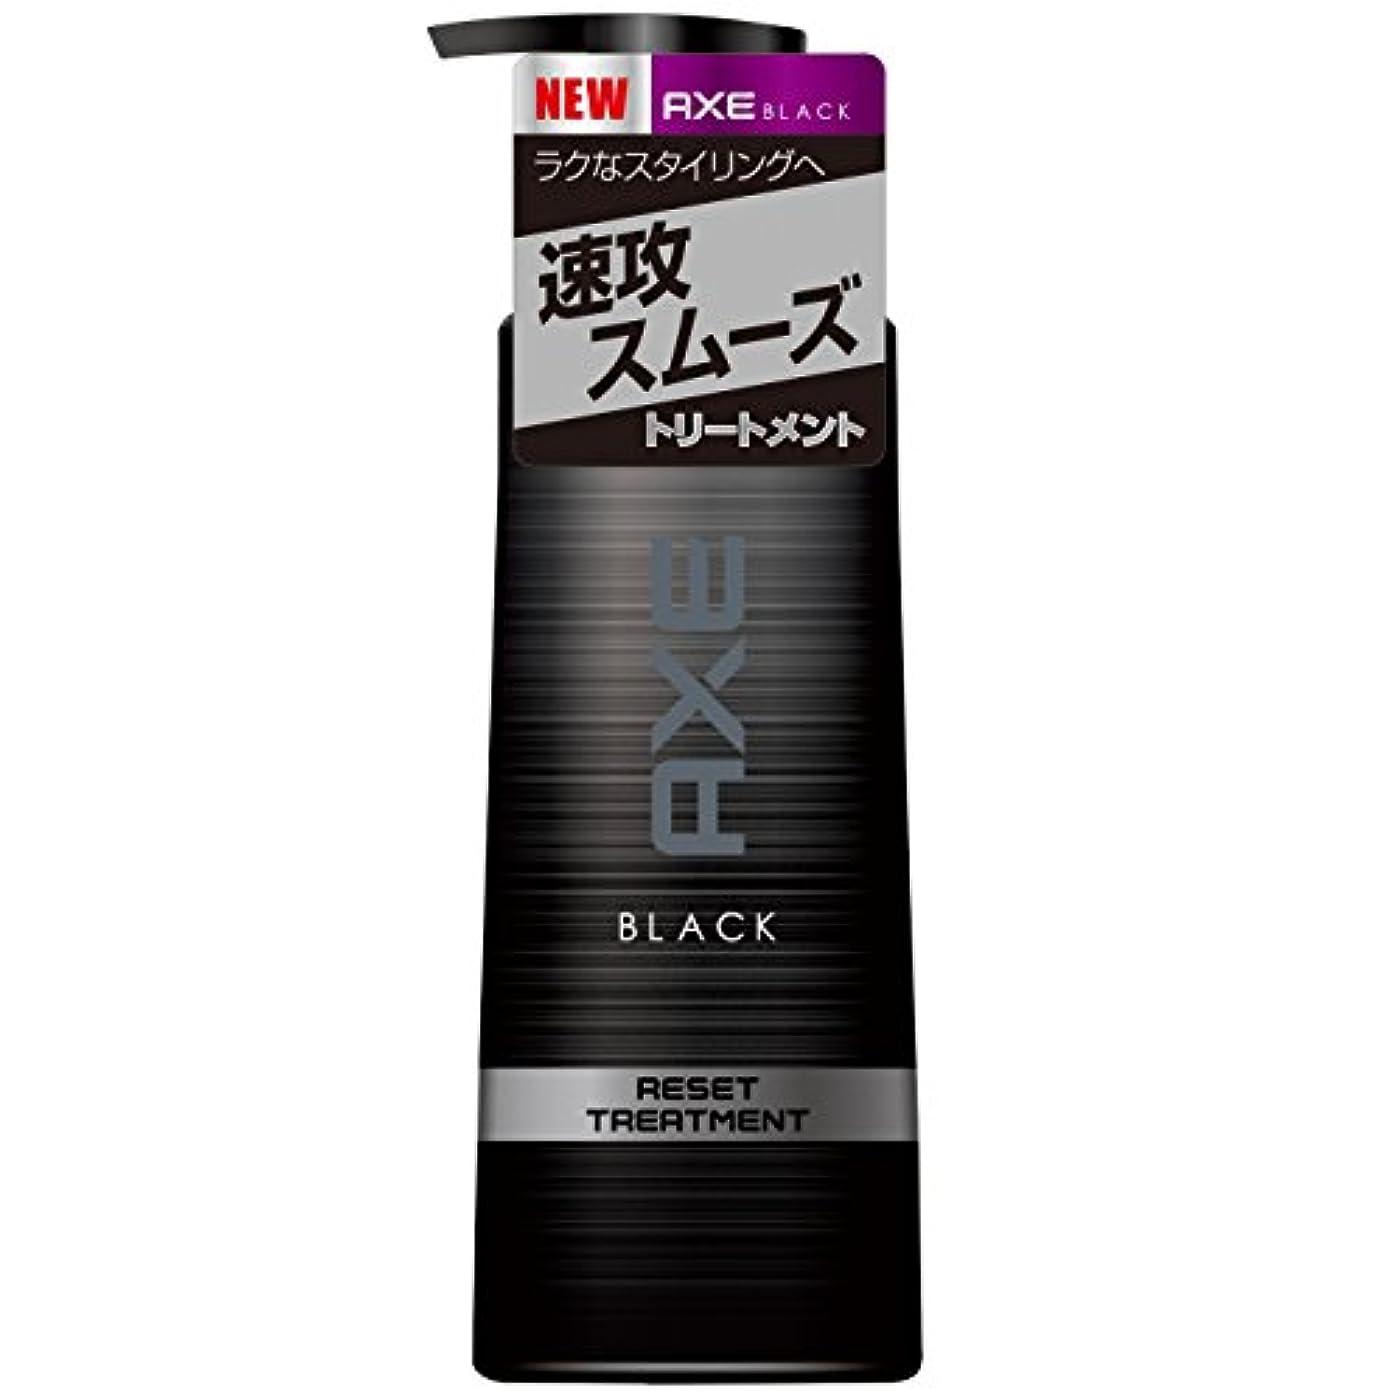 トークめる明らかにアックス ブラック 男性用 トリートメント ポンプ (速攻スムーズ、ラクなスタイリングへ) 350g (クールマリンのさりげない香り)